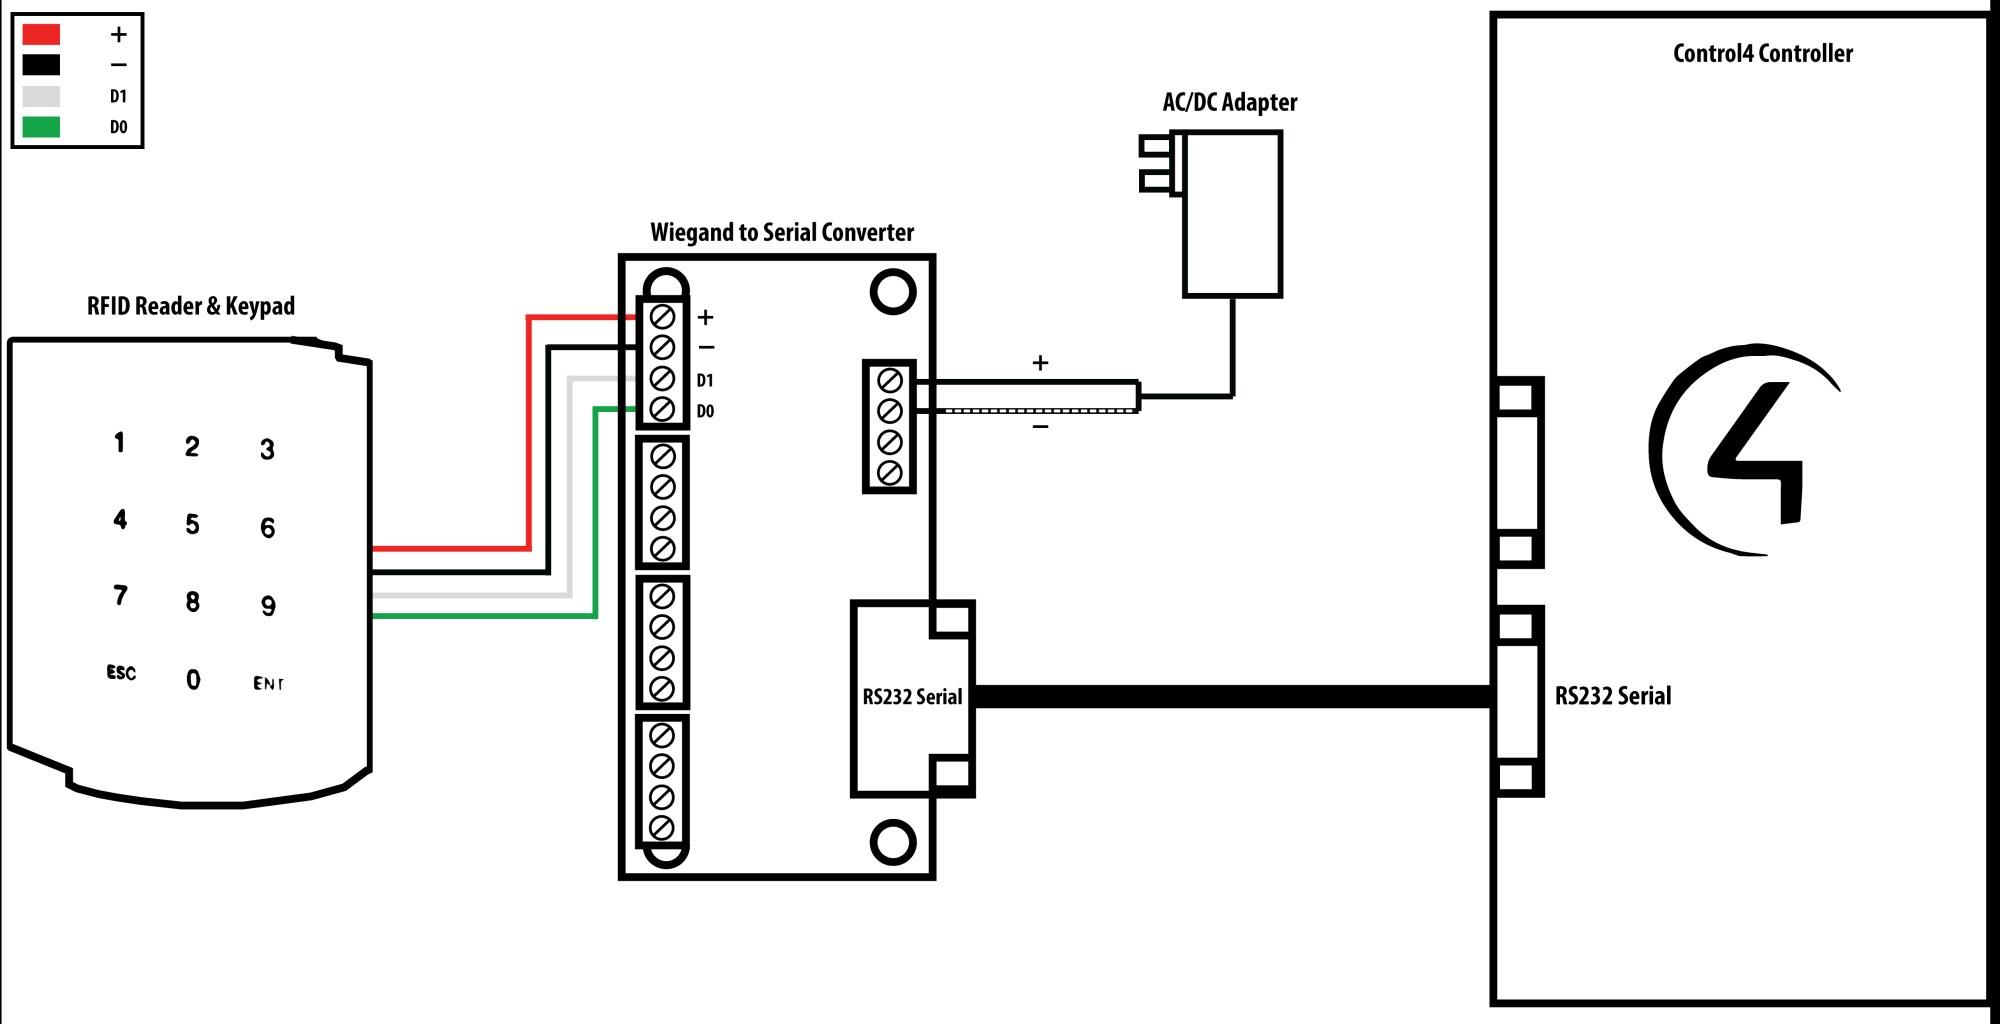 hight resolution of wiegand reader wiring diagram collection hid card reader wiring diagram r8239a1052 piston deh 6400bt wiringdiagramwiegand